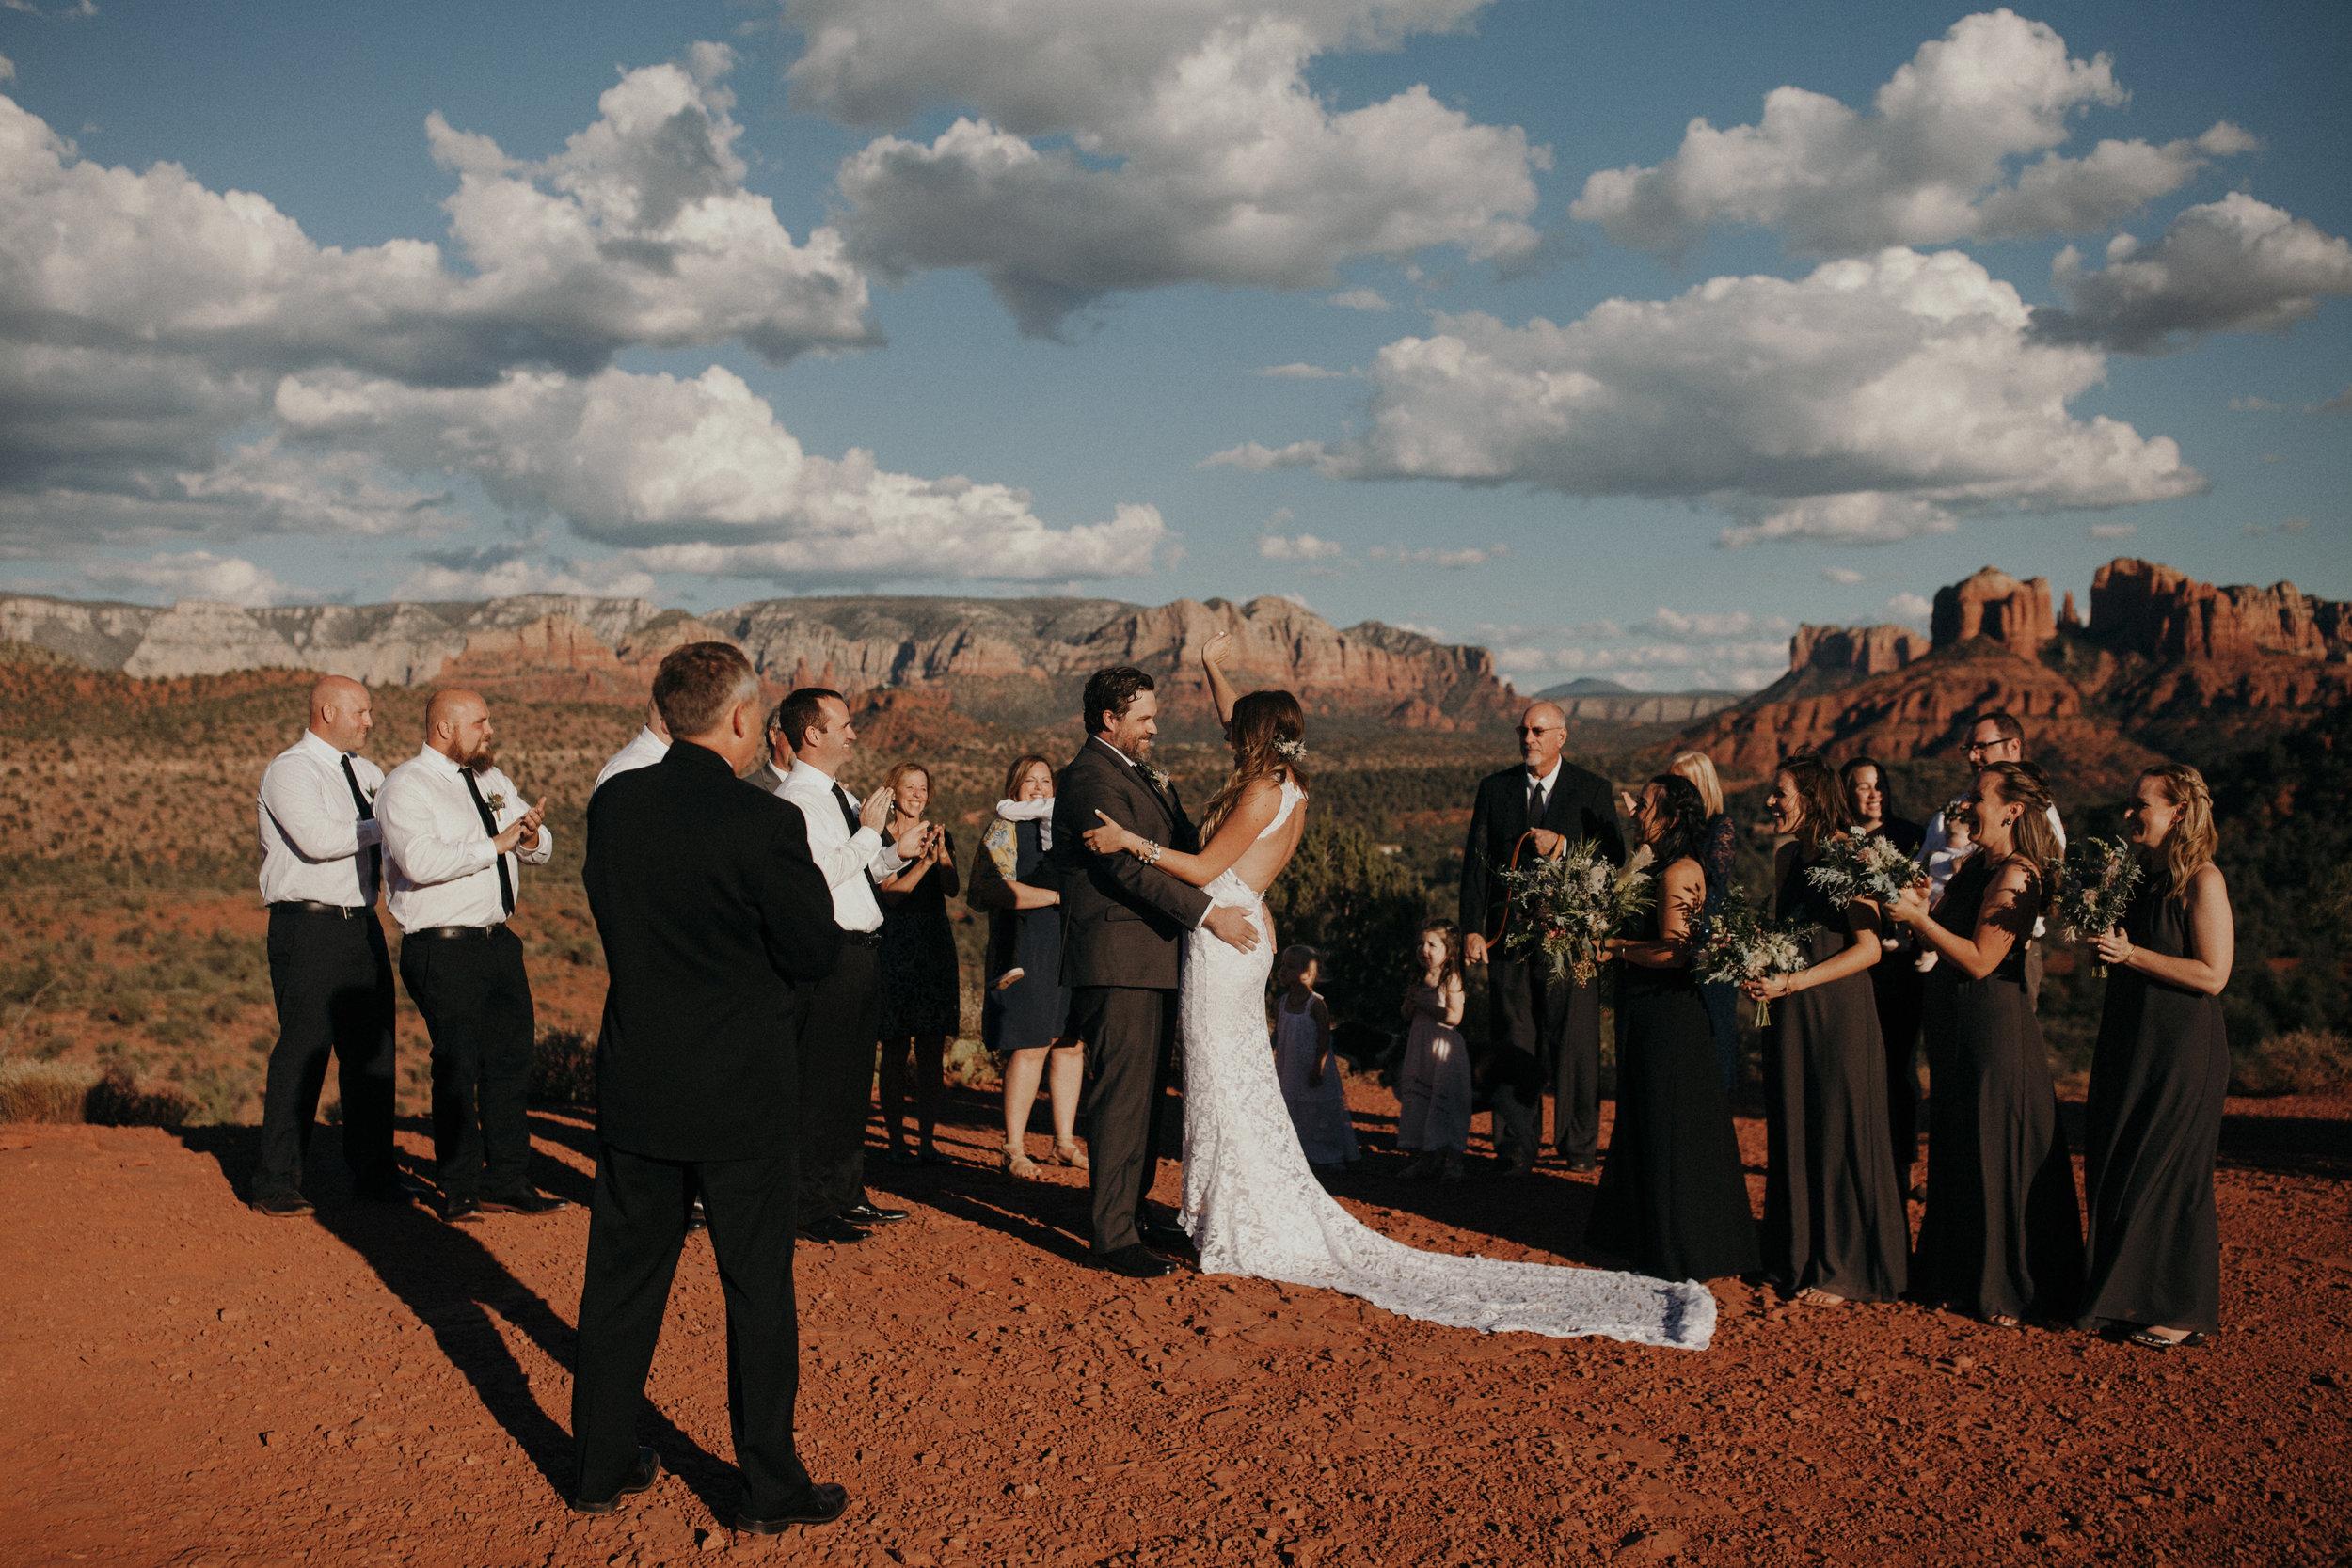 Sedona Wedding - Standing Ceremony